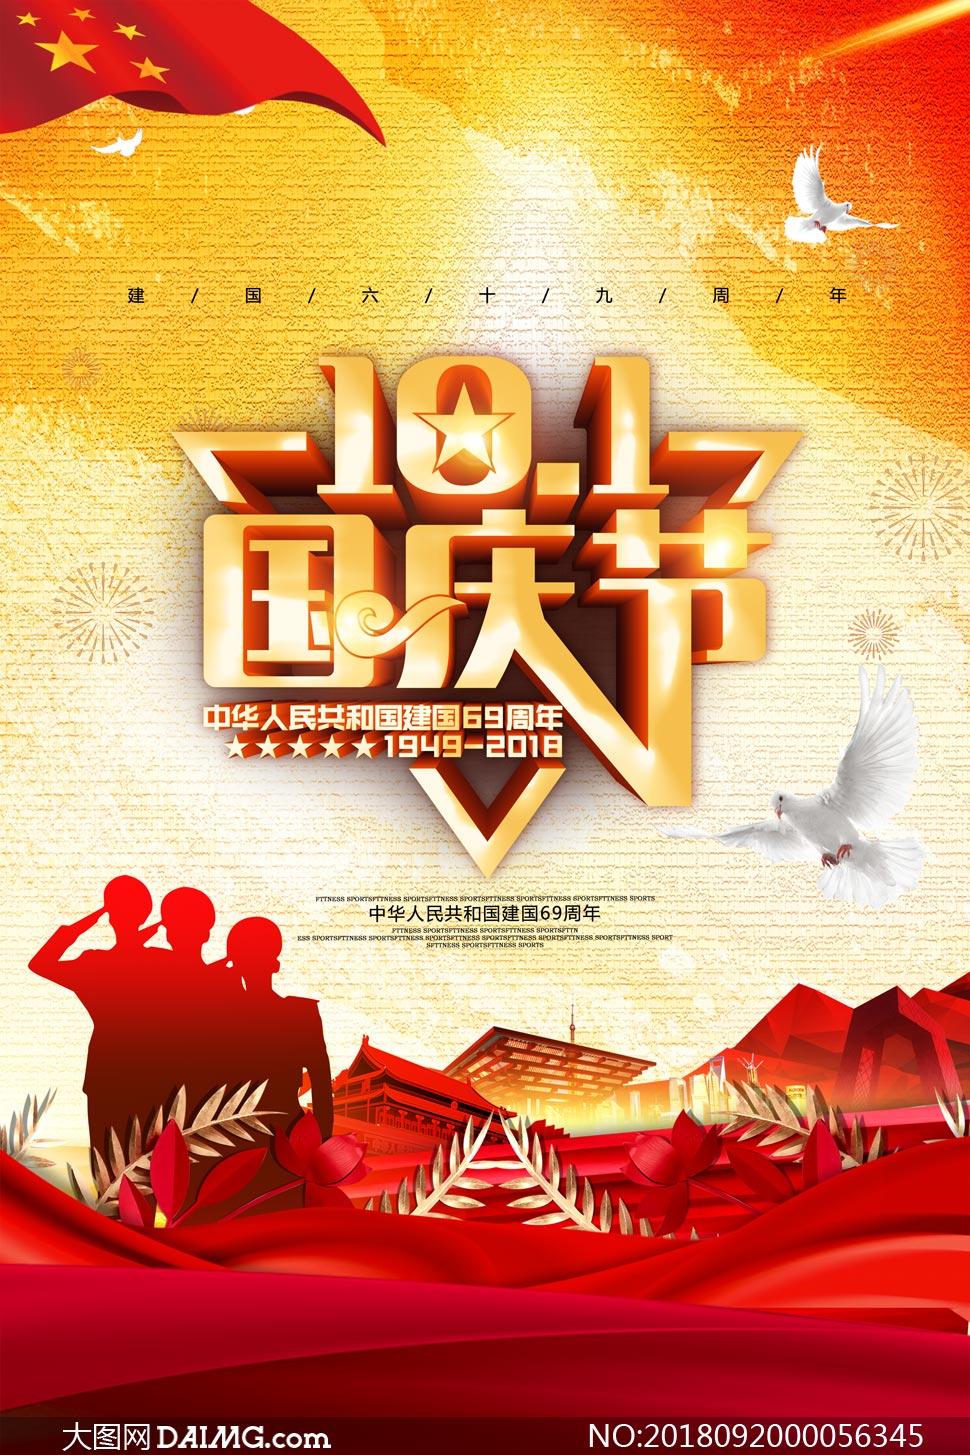 庆祝国庆节69周年宣传单psd素材 - 大图网设计素材下载